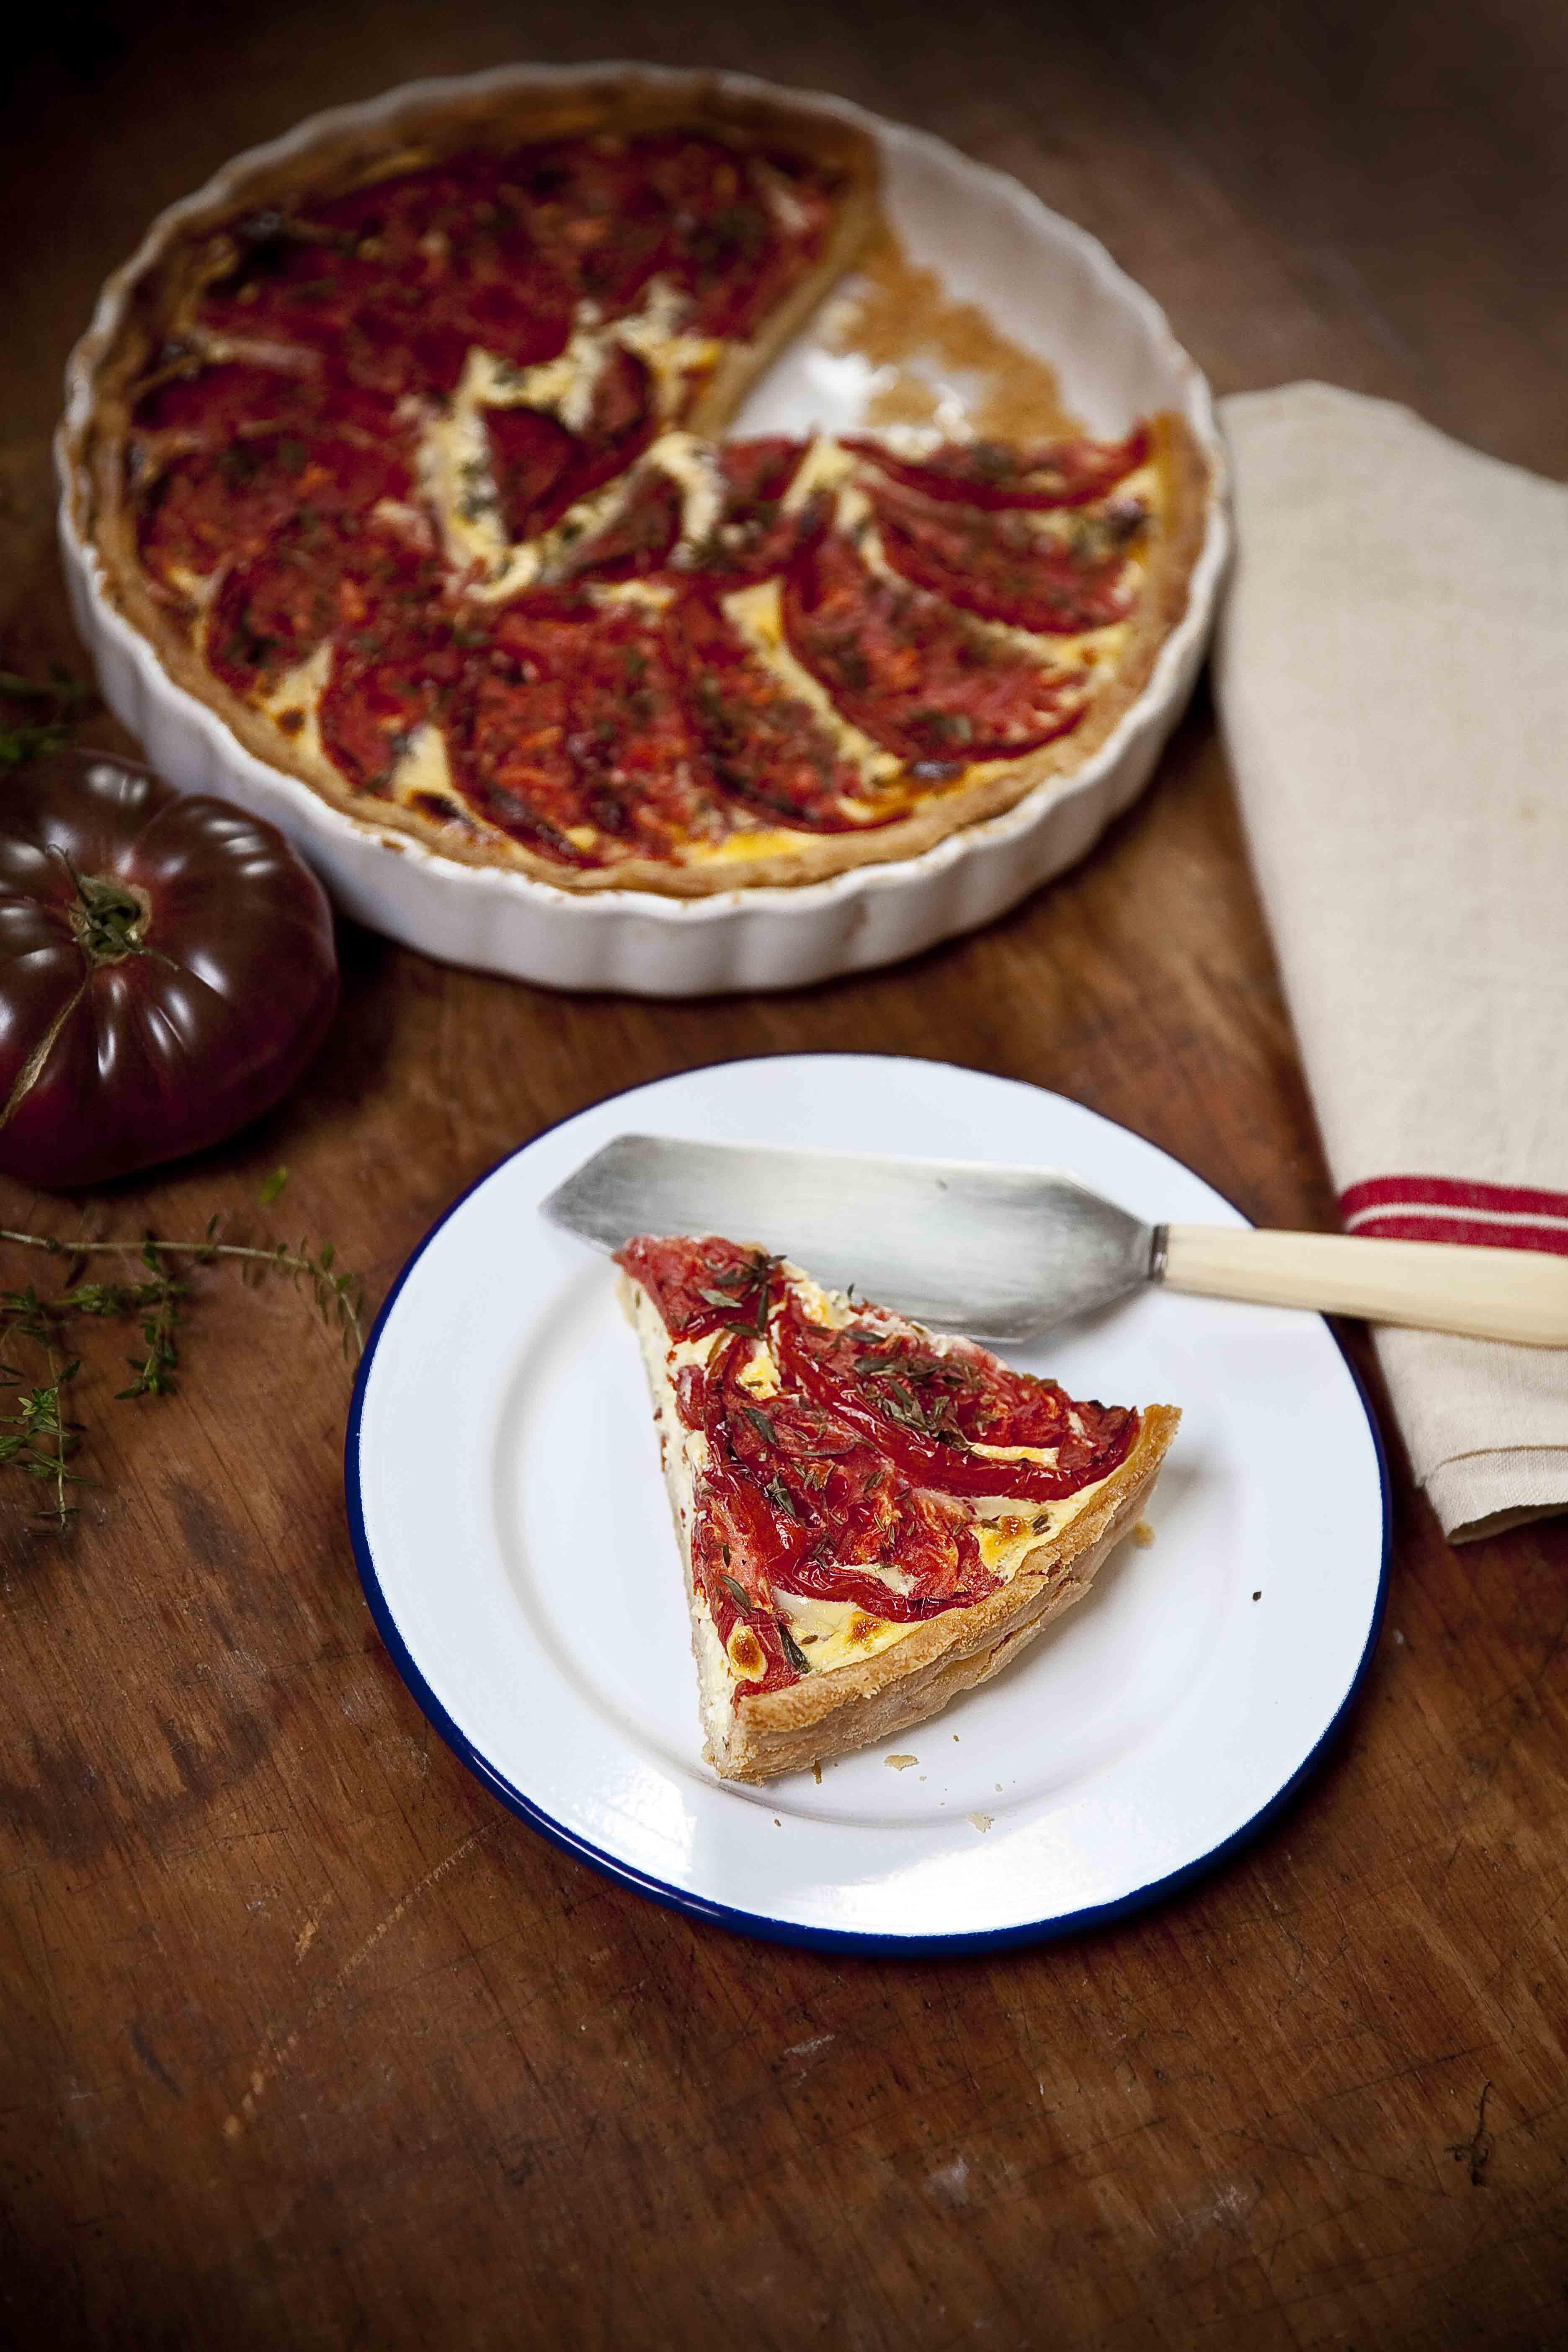 Tarte aux tomates coeur de boeuf, cottage cheese et base moutarde